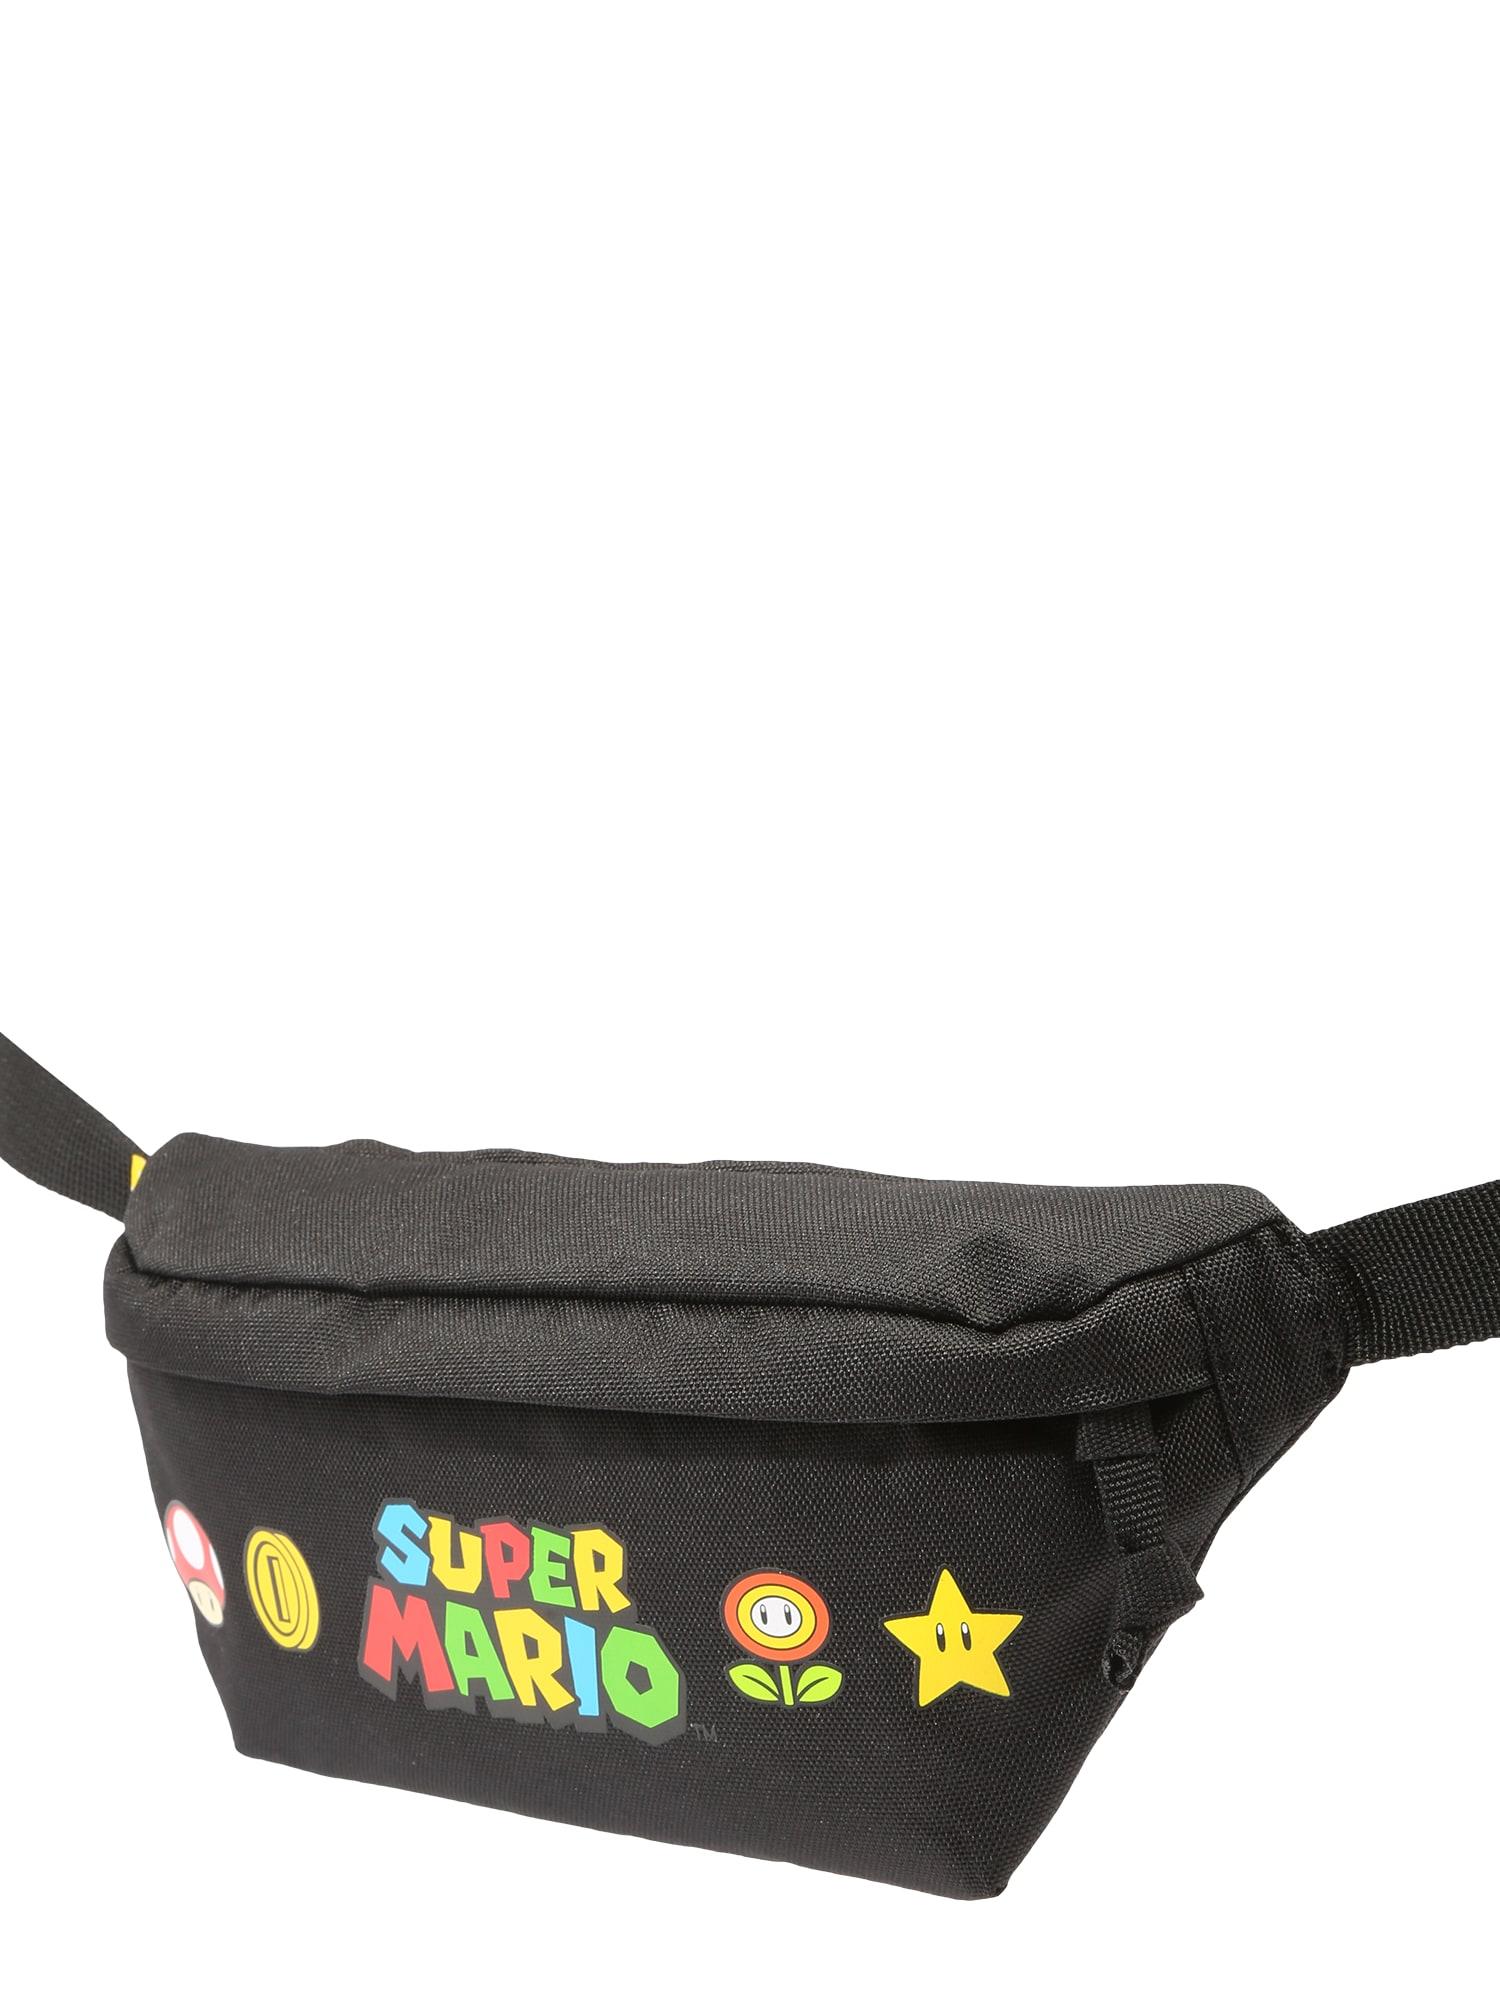 LEVI'S Rankinė ant juosmens 'Super Mario Banana Sling' mišrios spalvos / juoda